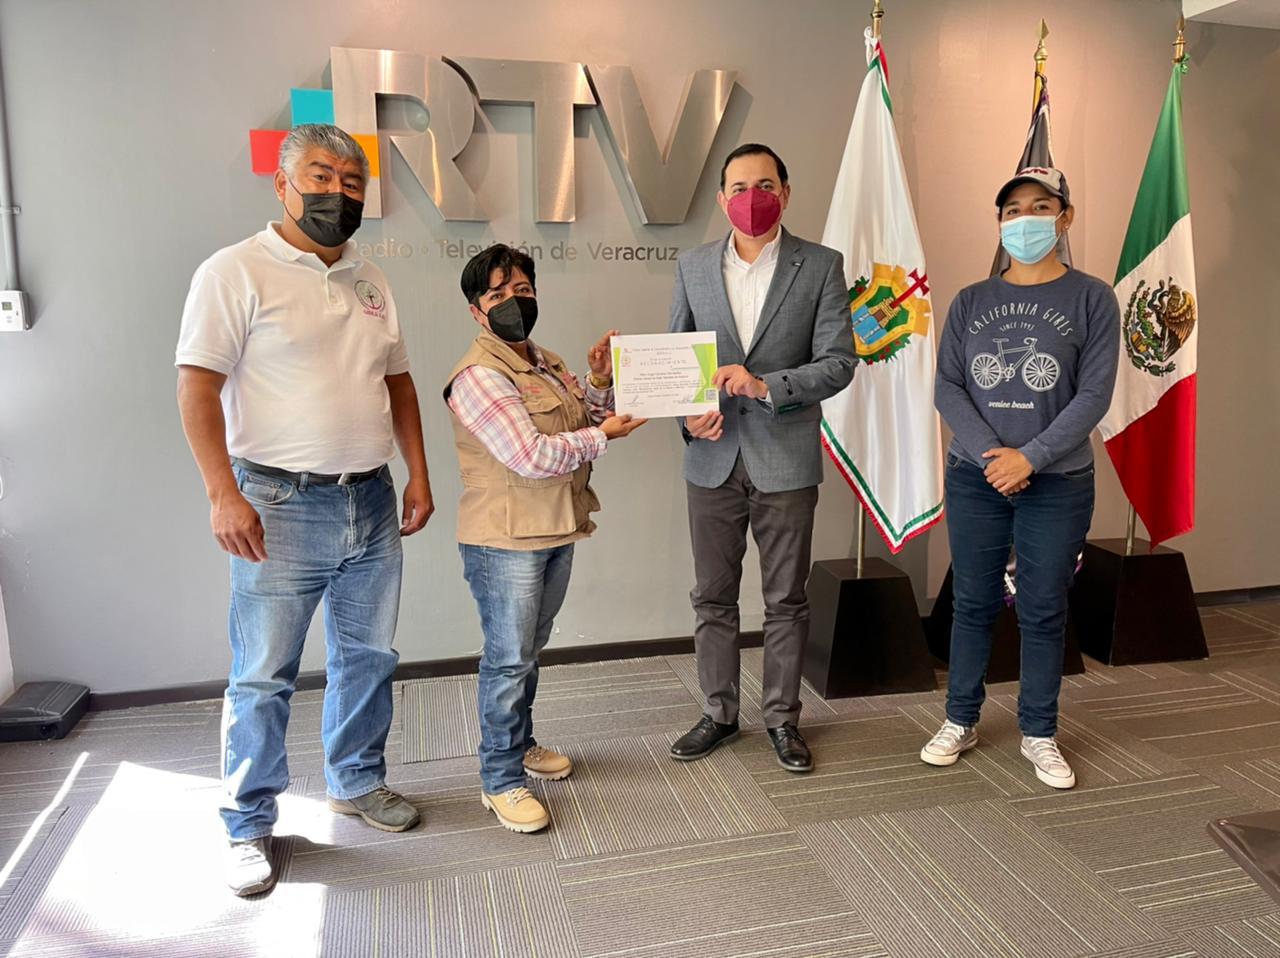 Asociación Civil GIDCA reconoce a RTV por labores en pro del medio ambiente